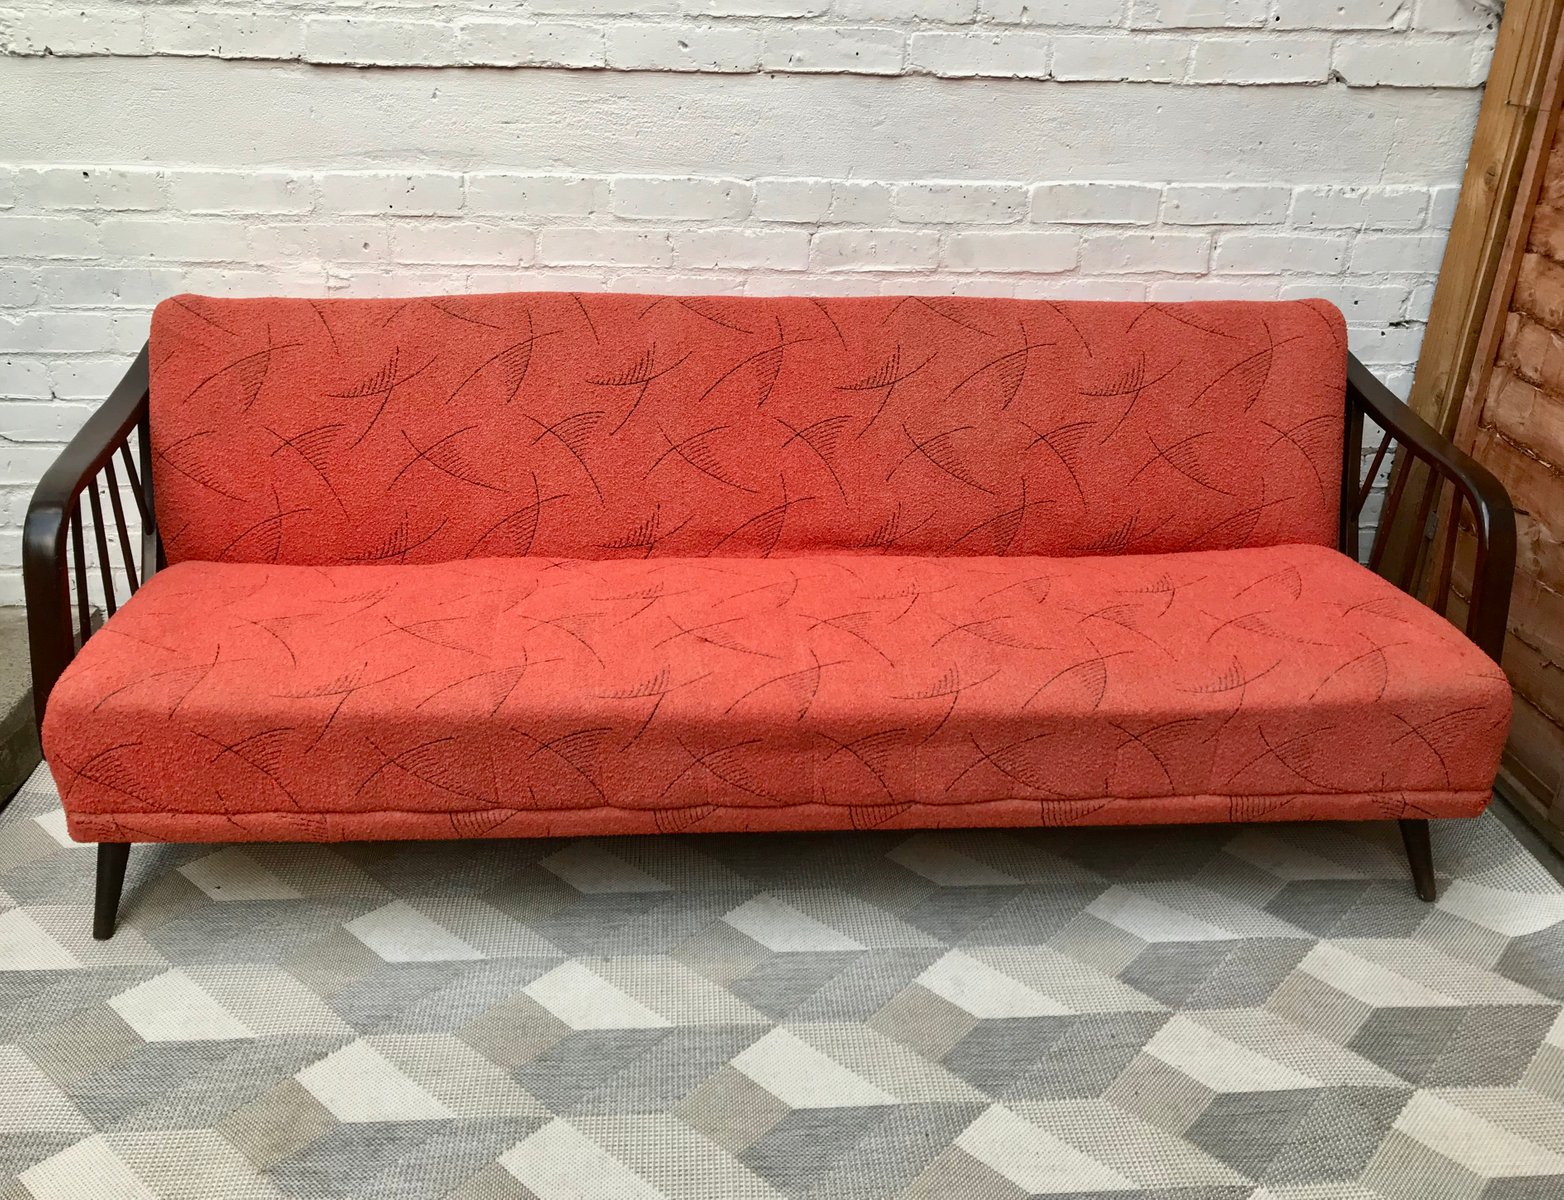 Divano letto vintage rosso germania 1958 in vendita su - Divano letto retro ...